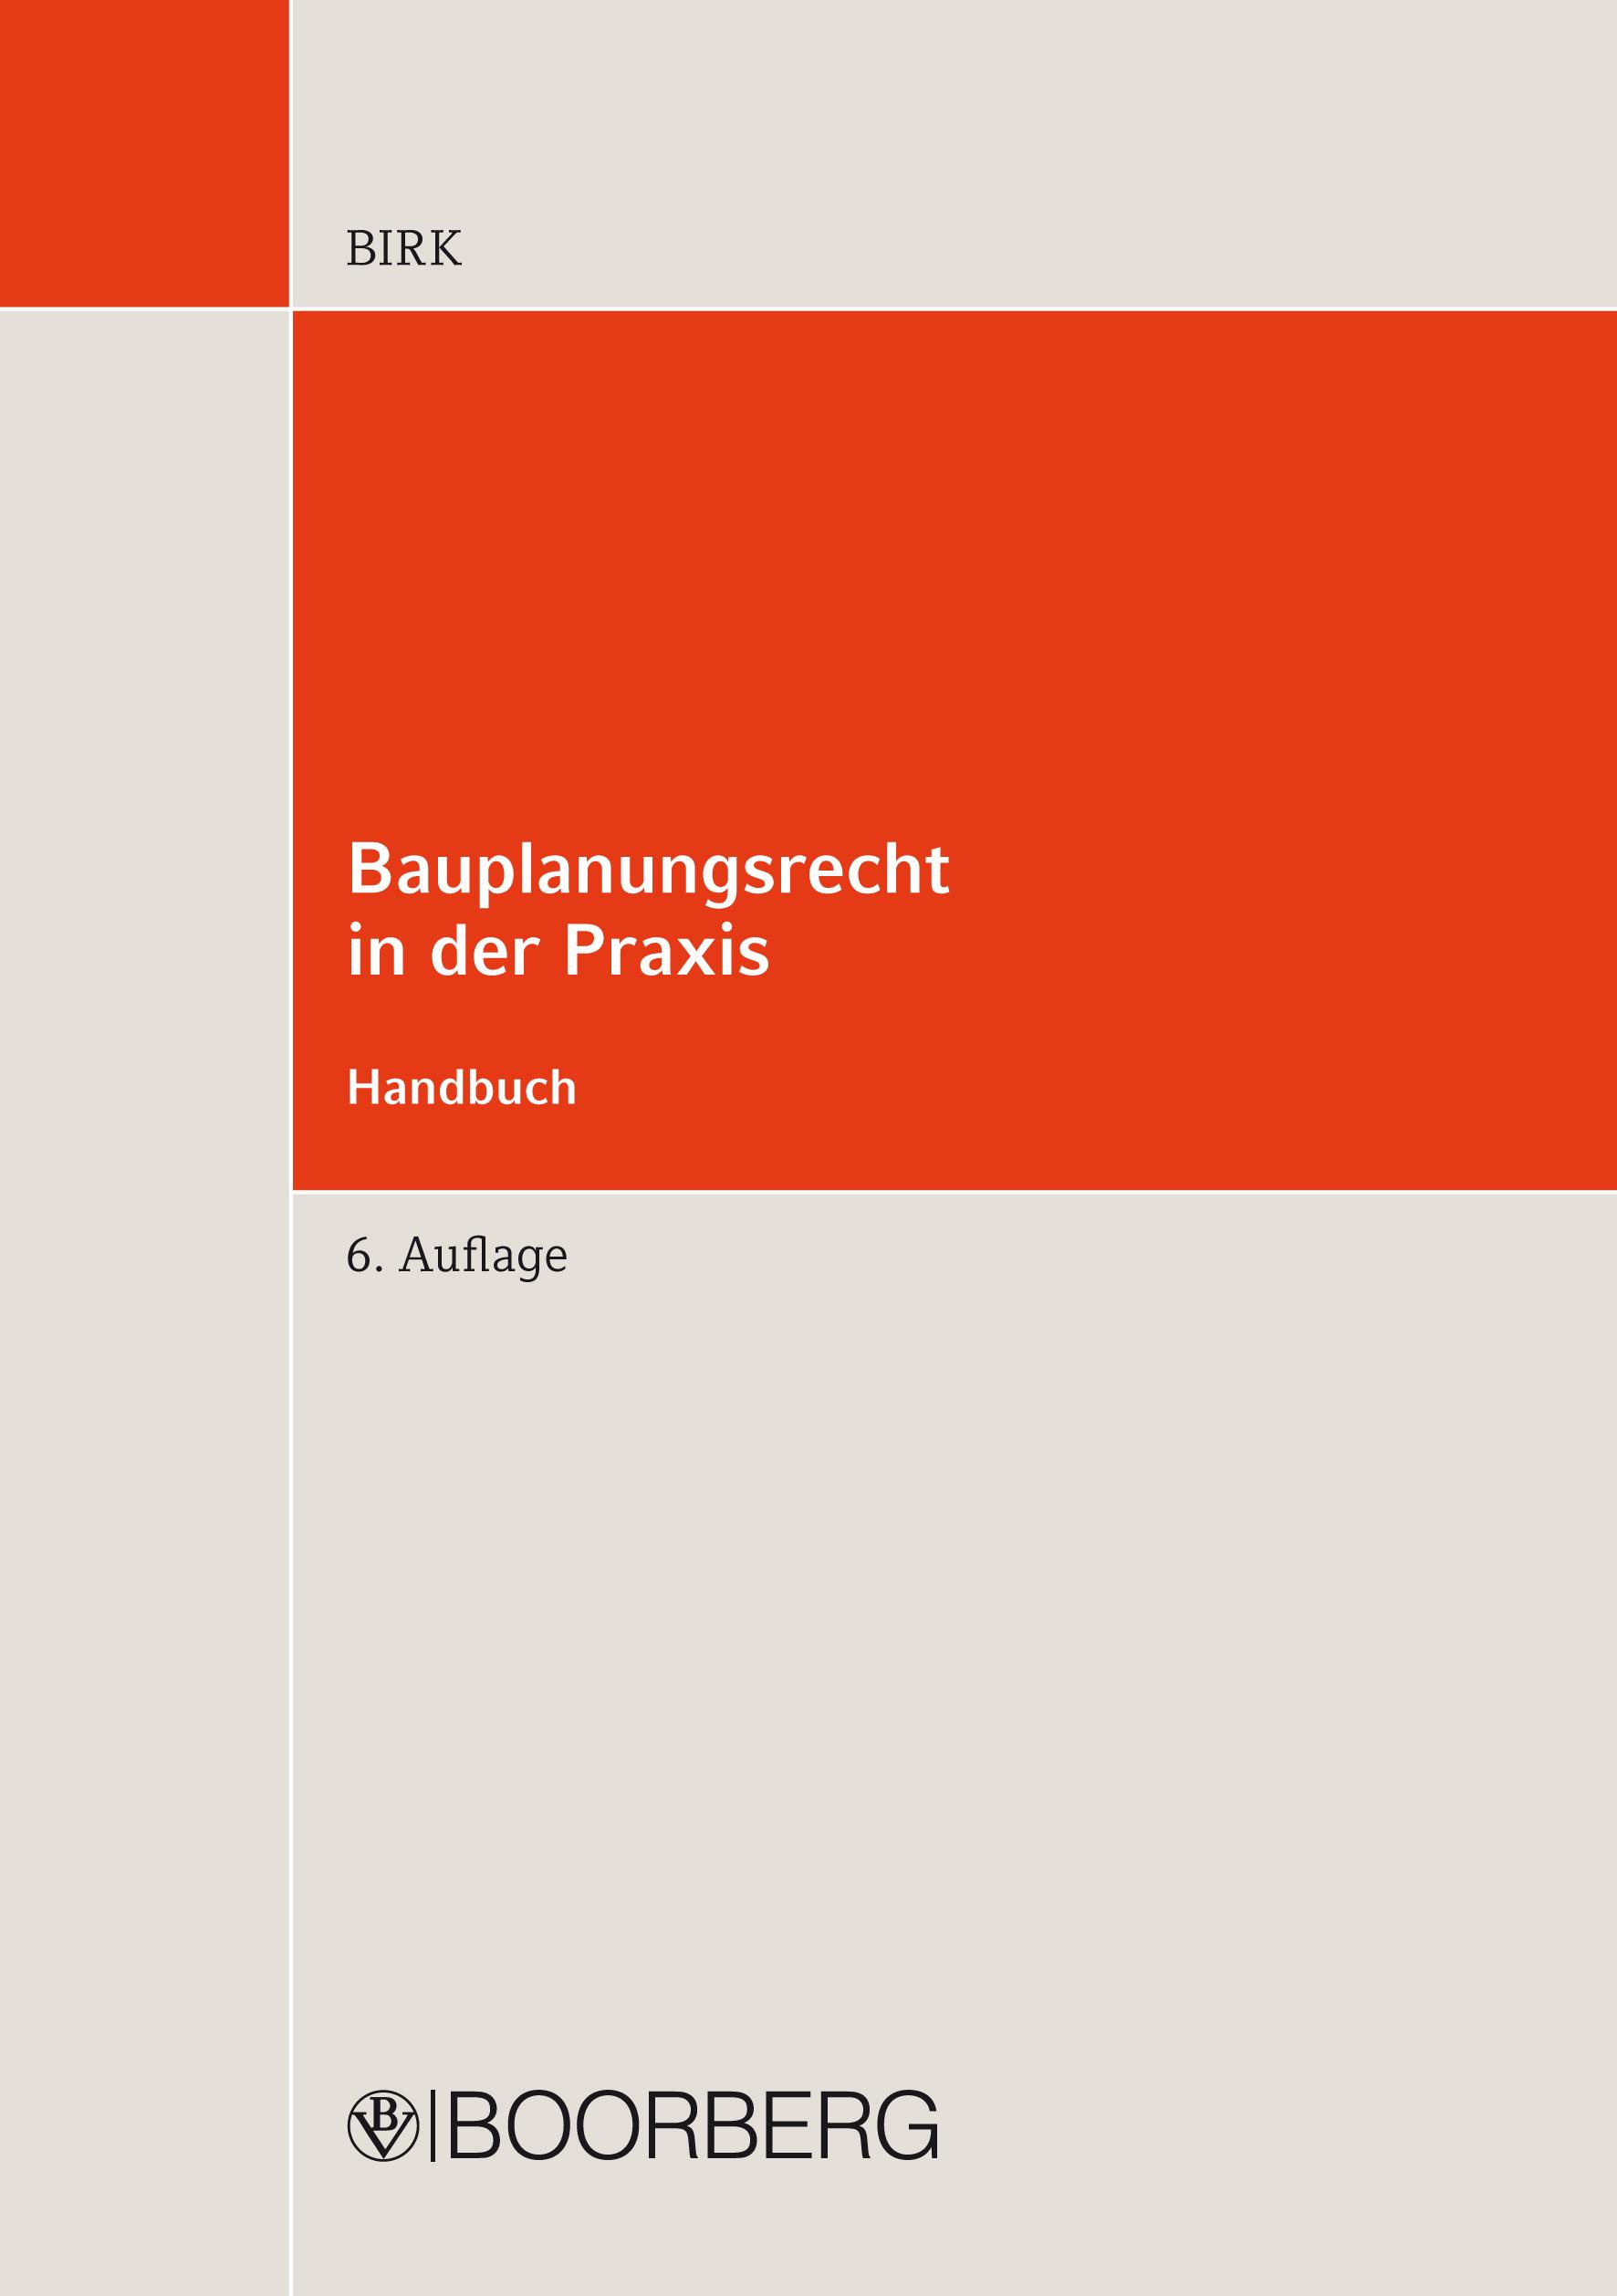 Hans-Jorg Birk Bauplanungsrecht in der Praxis - Handbuch jorg albrecht der kotti